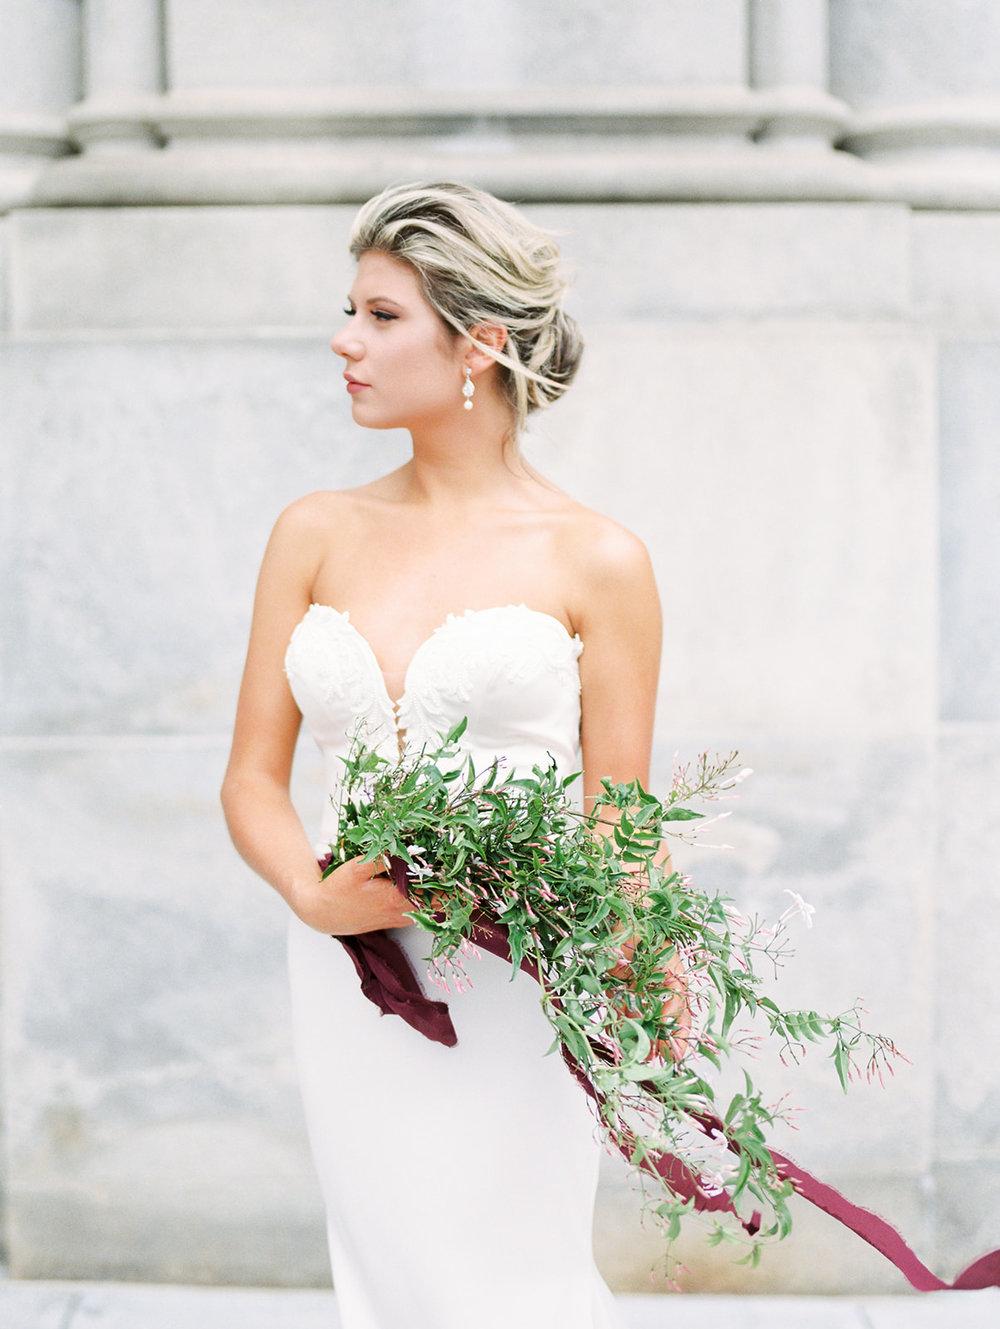 Paloma Blanca Bridal from Angela's Bridal in Albany, NY